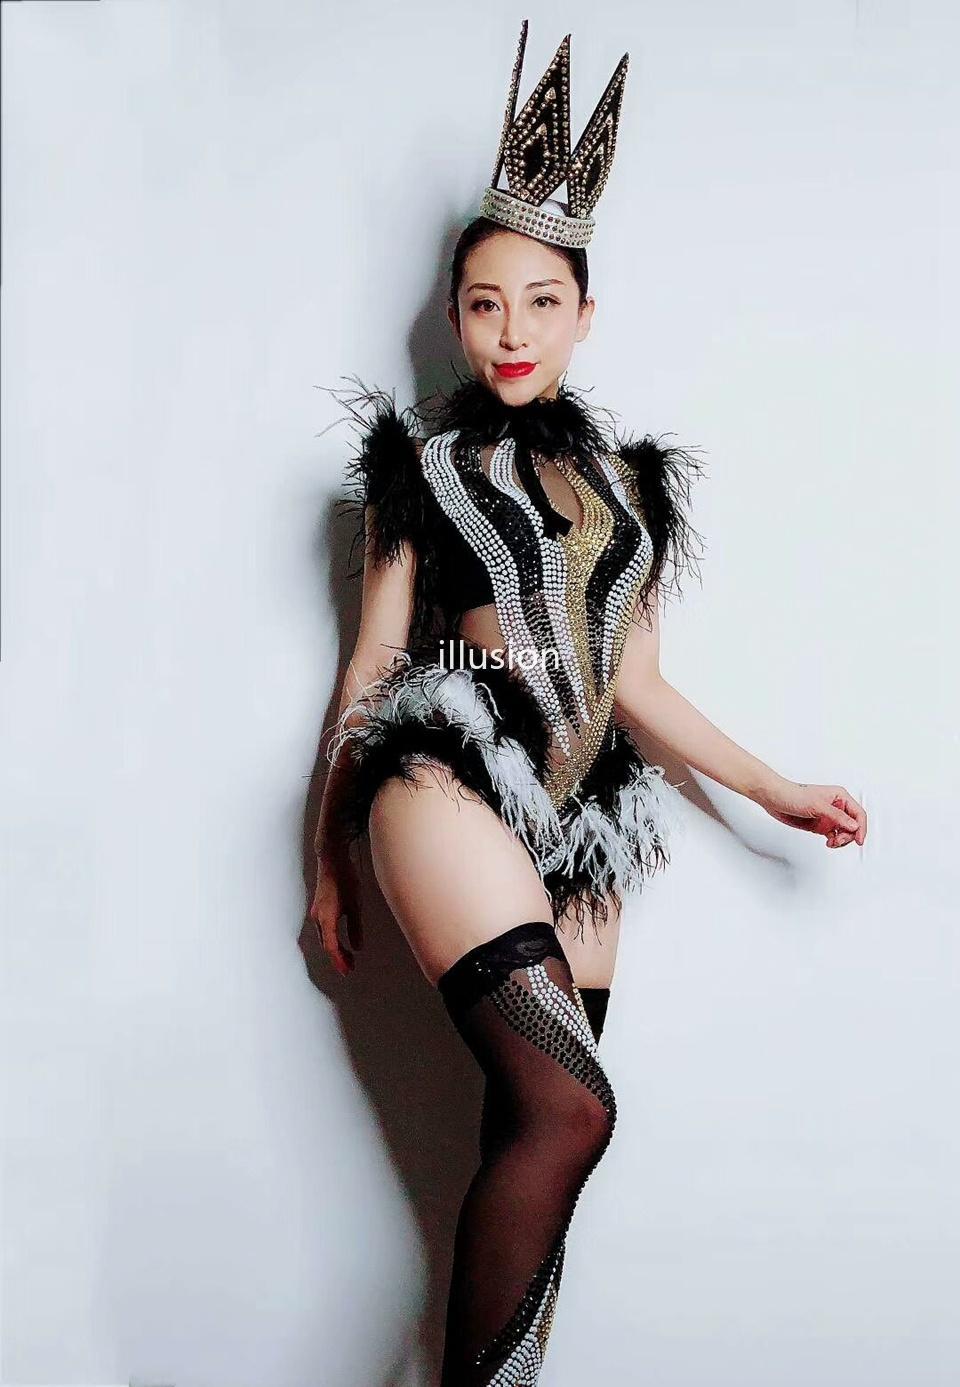 Sparkly Rhinestones черный белый перо сетка боди Леггинсы ночной клуб женские сценические характеристики наряды на день рождения вечеринка